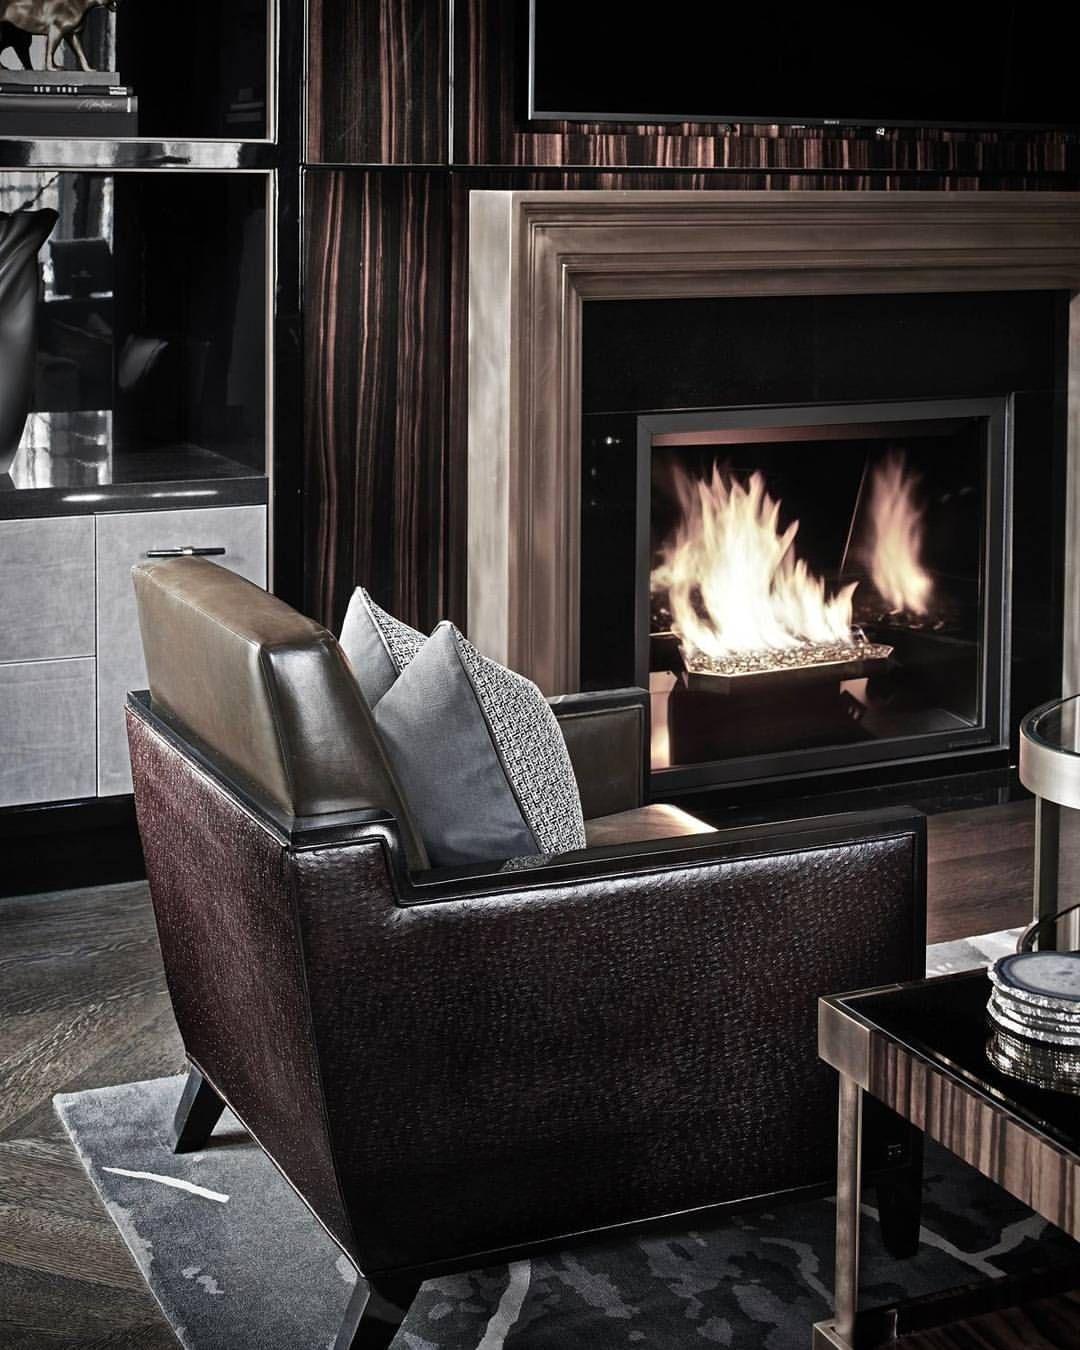 Ultra Luxury Apartment Design: Ferris Rafauli #ferrisrafauli #interiordesign